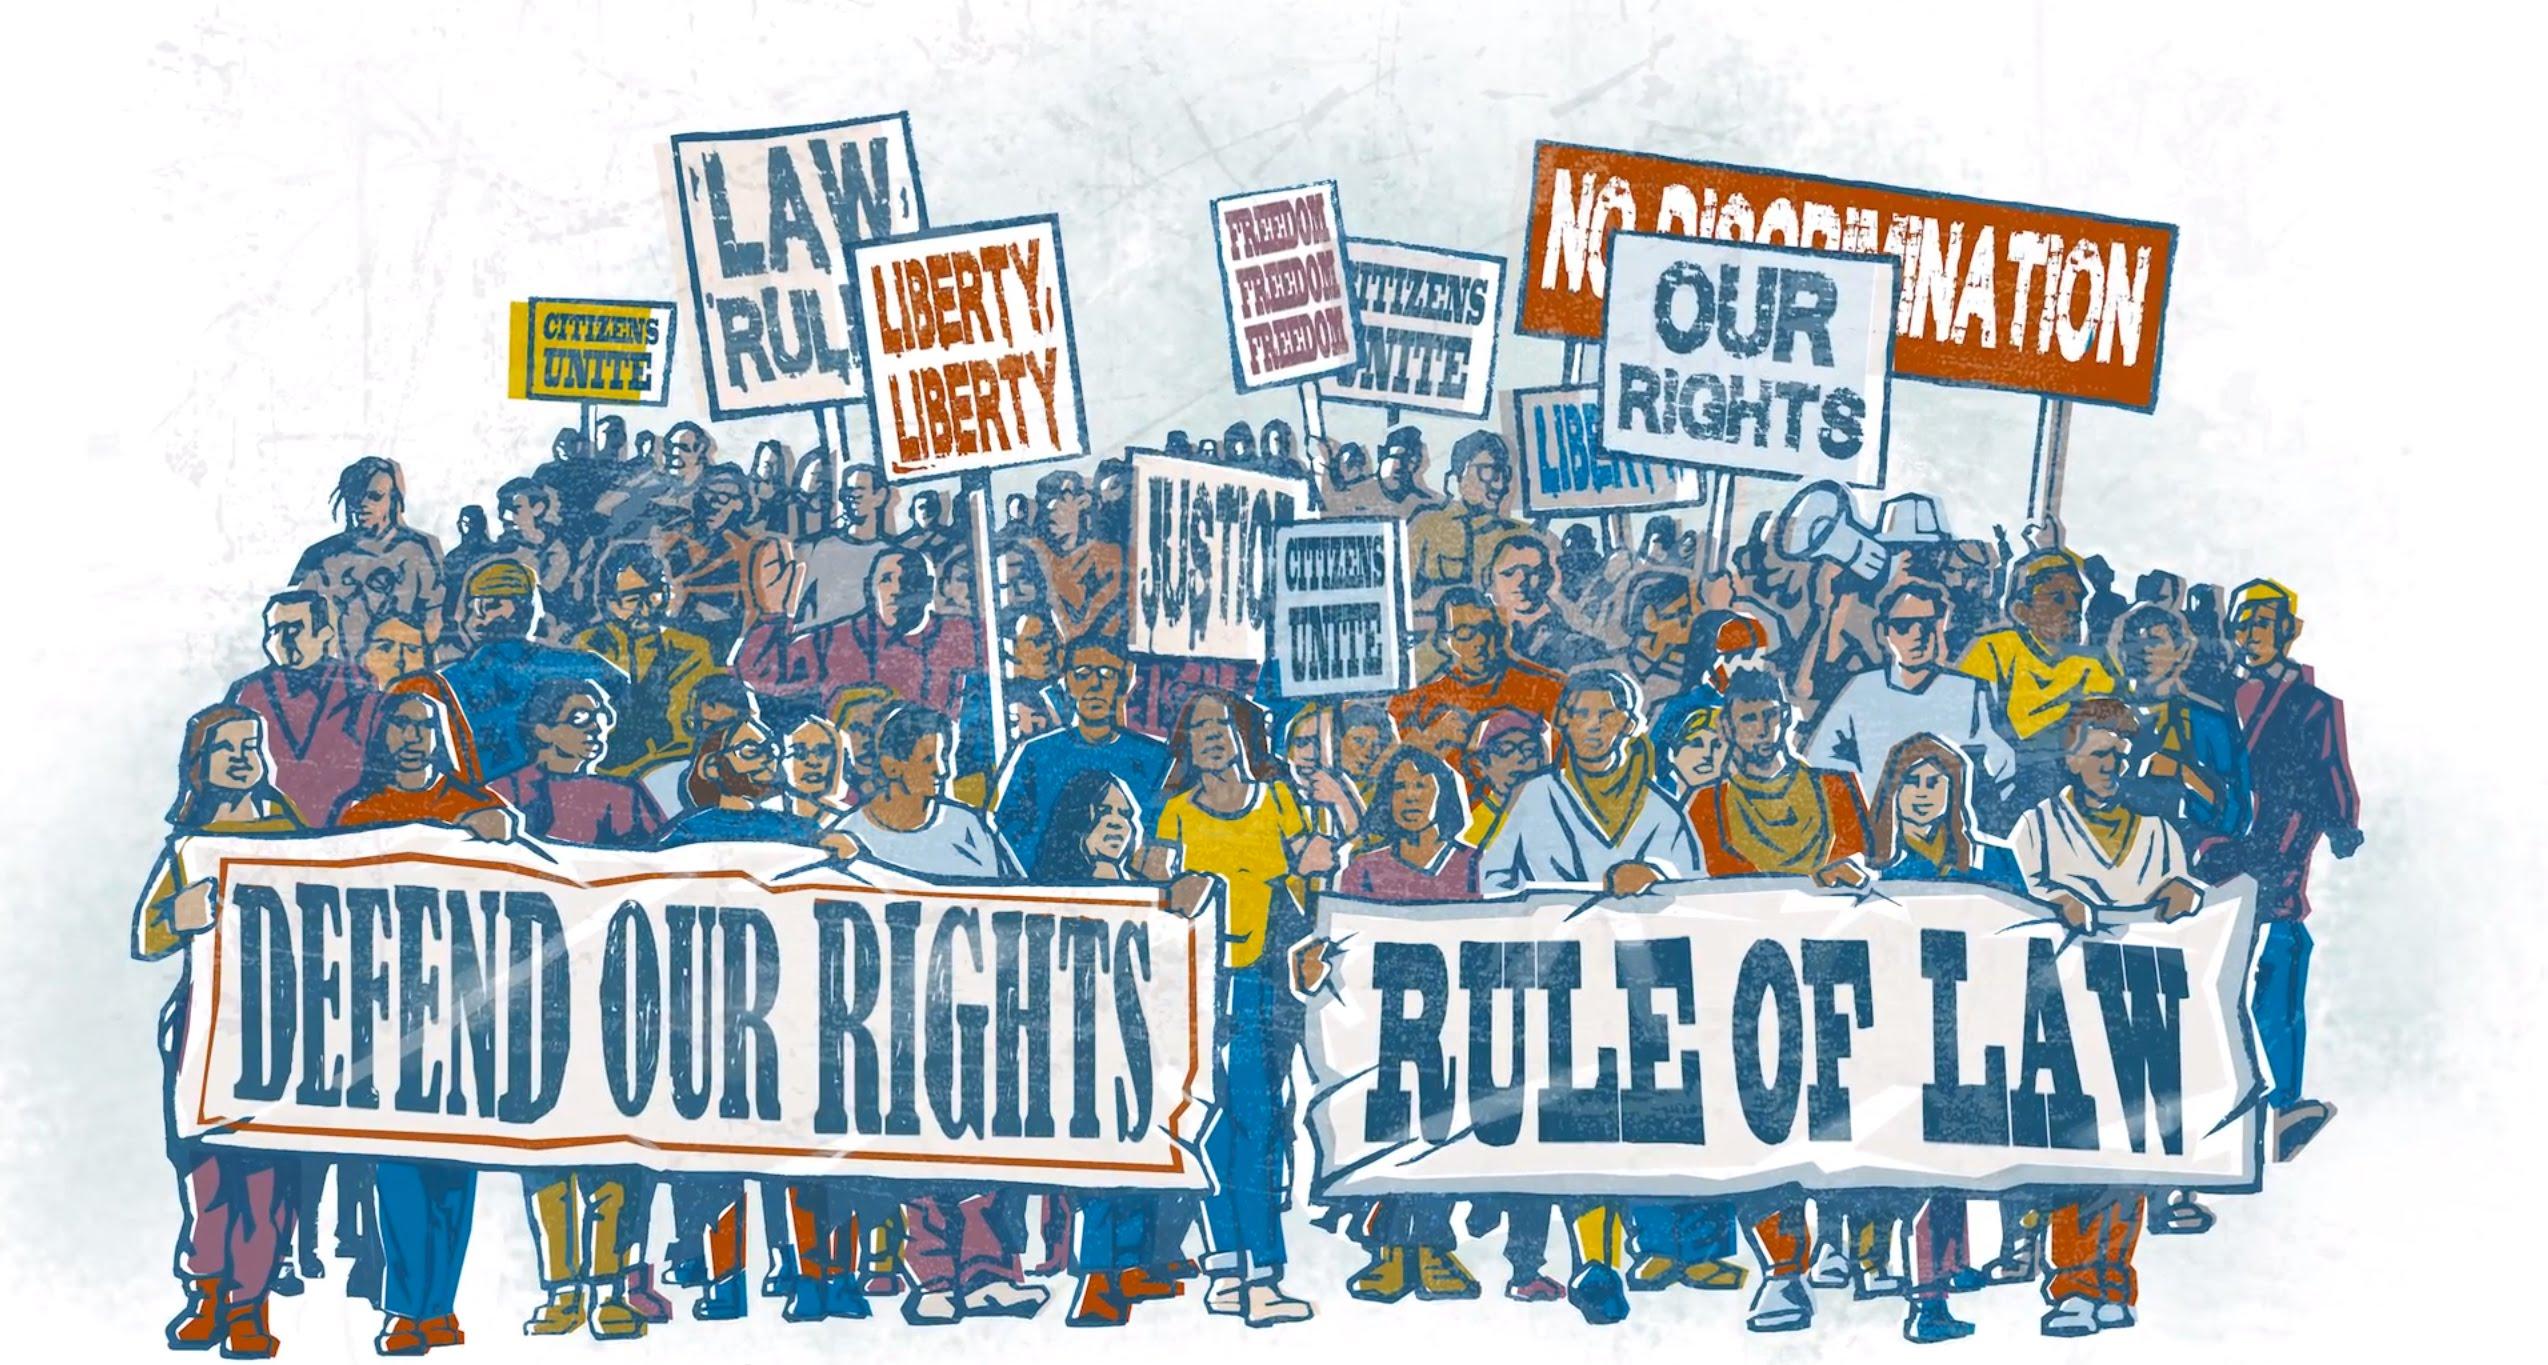 【轉載】現代民主基石 英國大憲章迎800週年